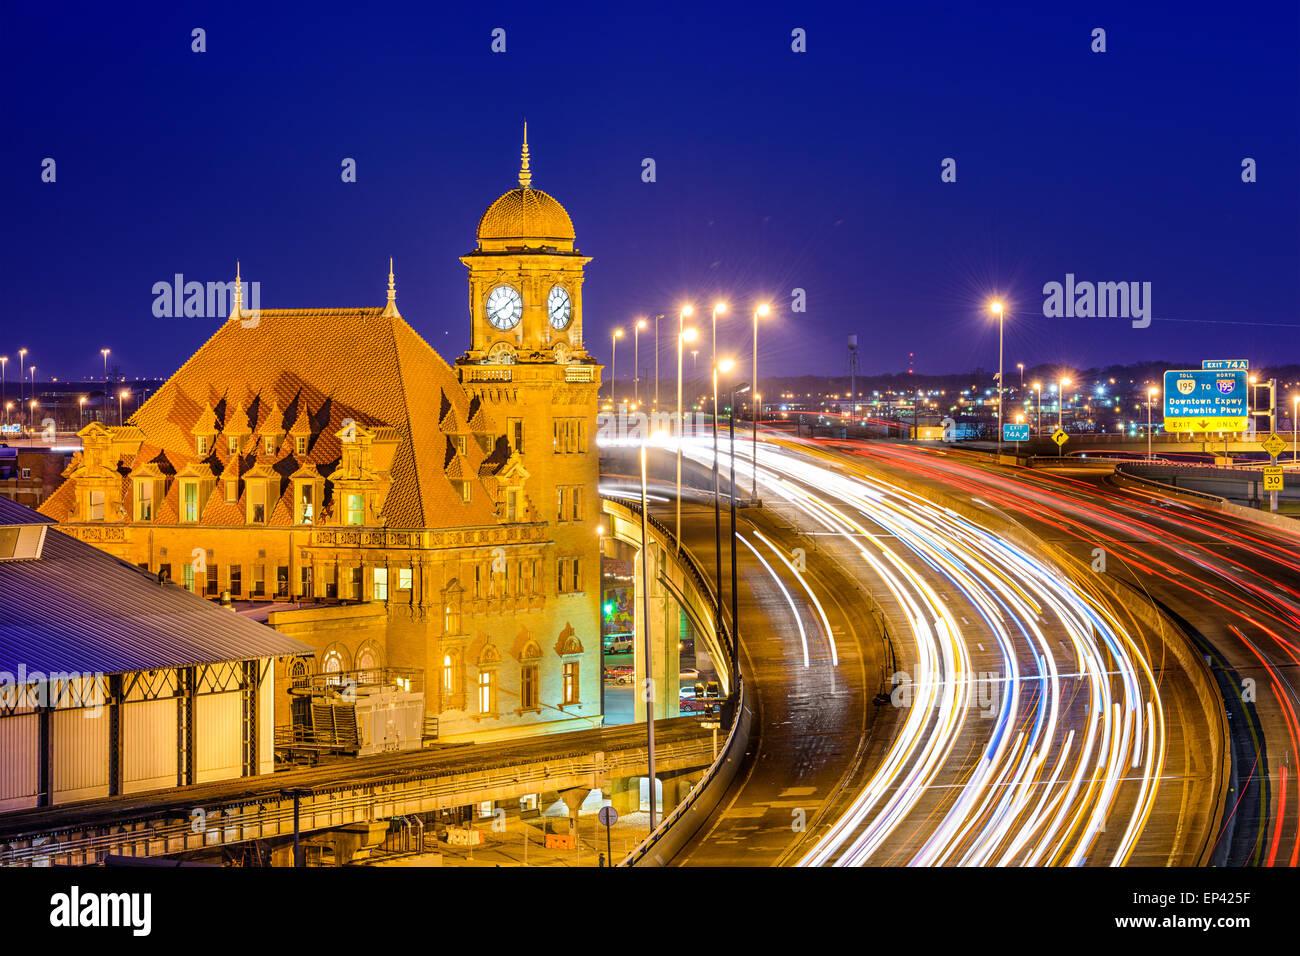 Richmond, Virginia, USA am historischen Main Street Station und Interstate 95. Stockbild